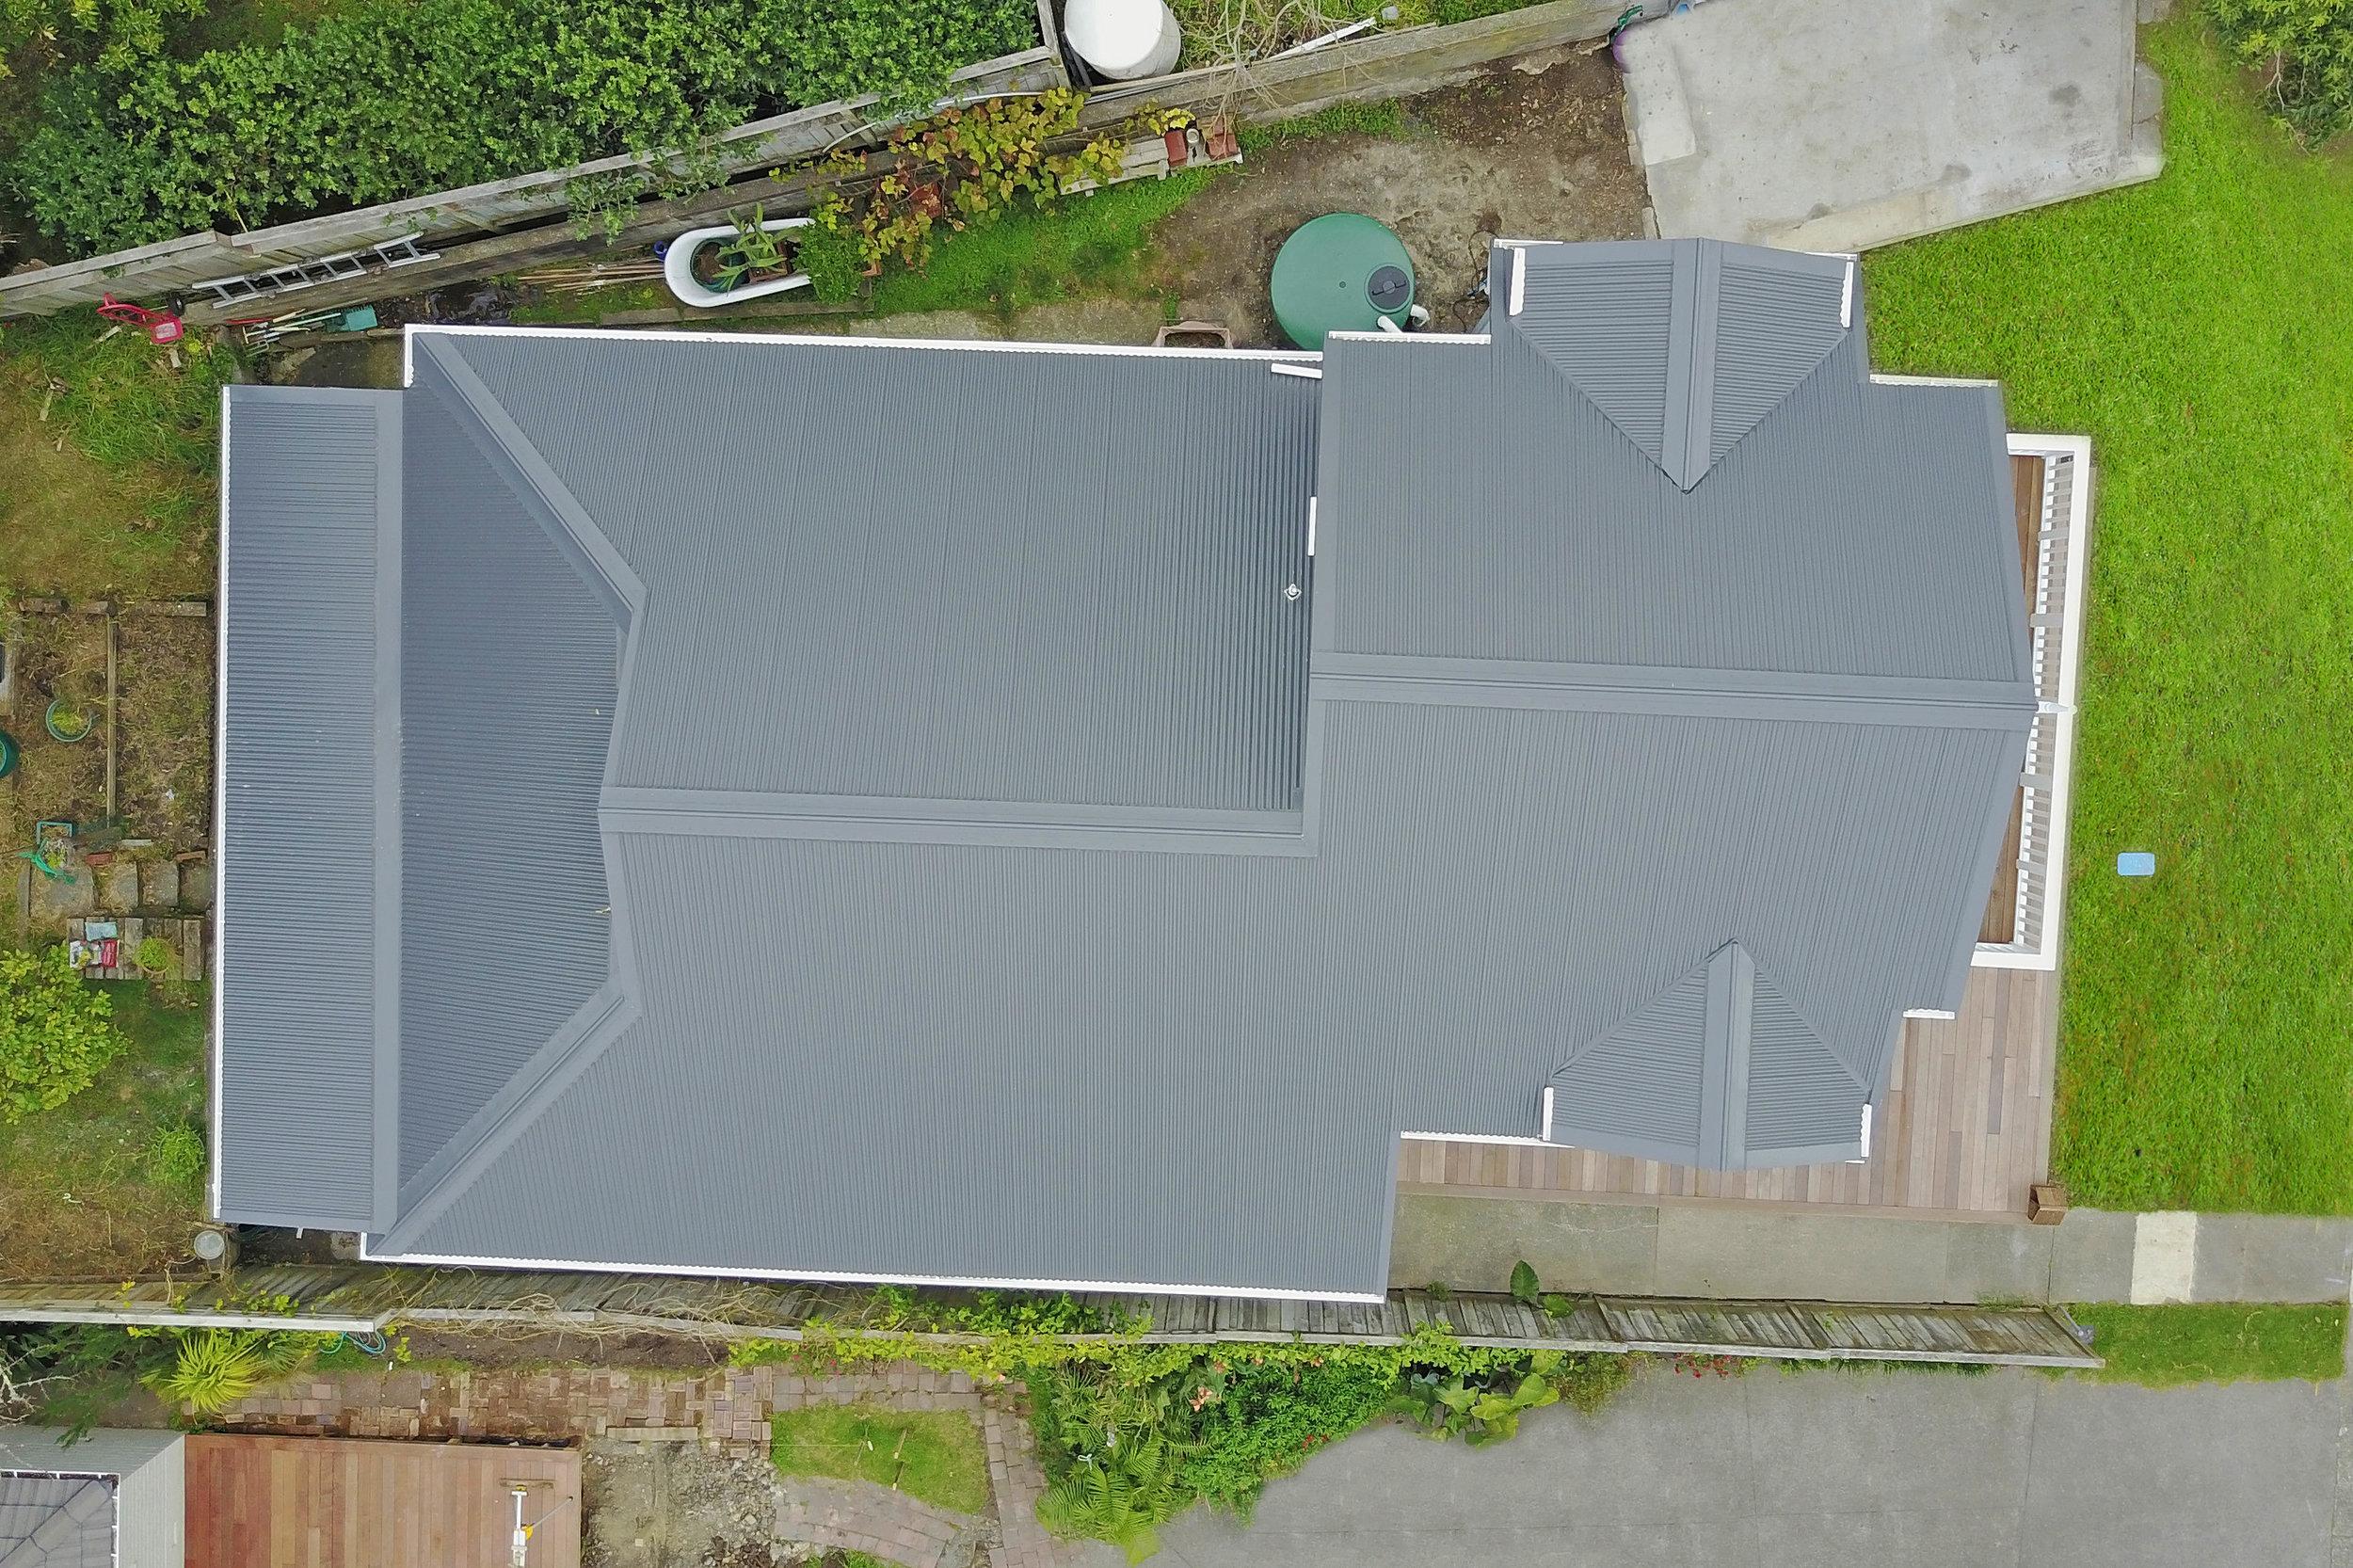 The-Roofing-Store-Steel-Metal-Corrugate-Vitor-0.55-Grey-Friars-1.jpg.jpg